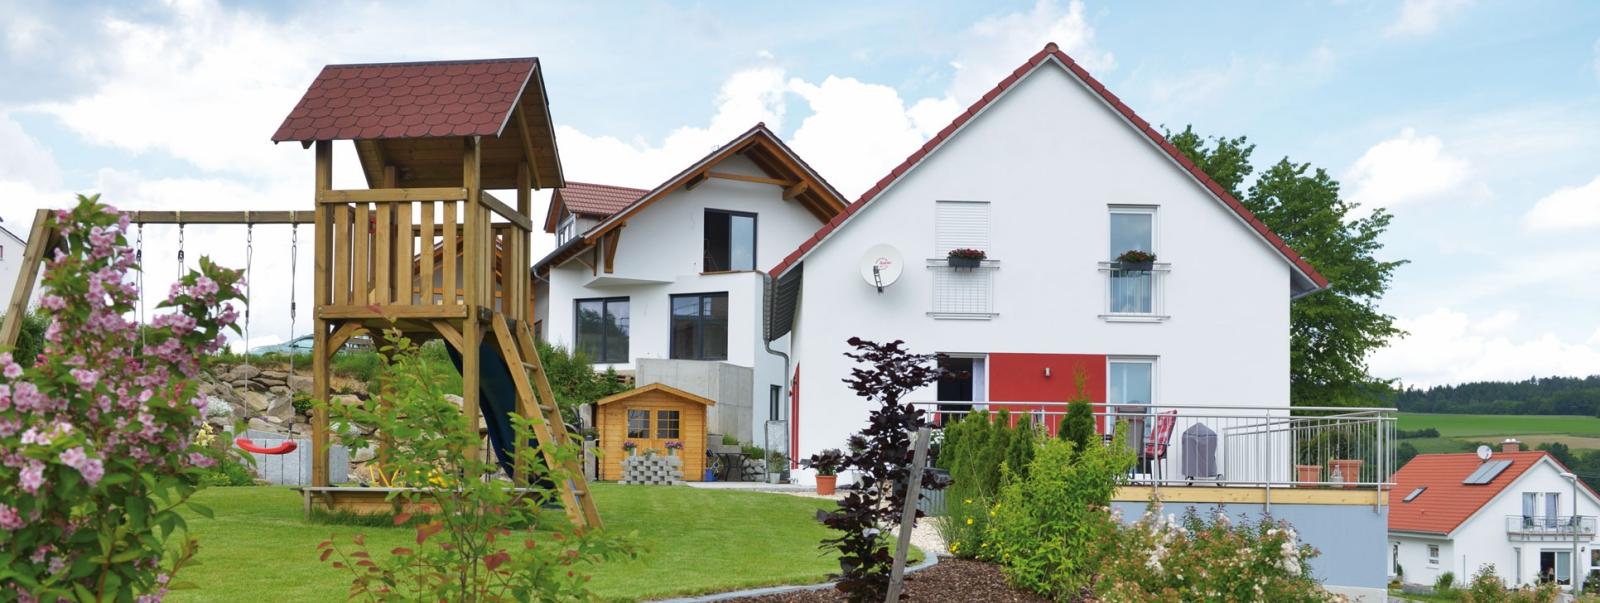 Junge Familie - Hilpl Wagner Bau